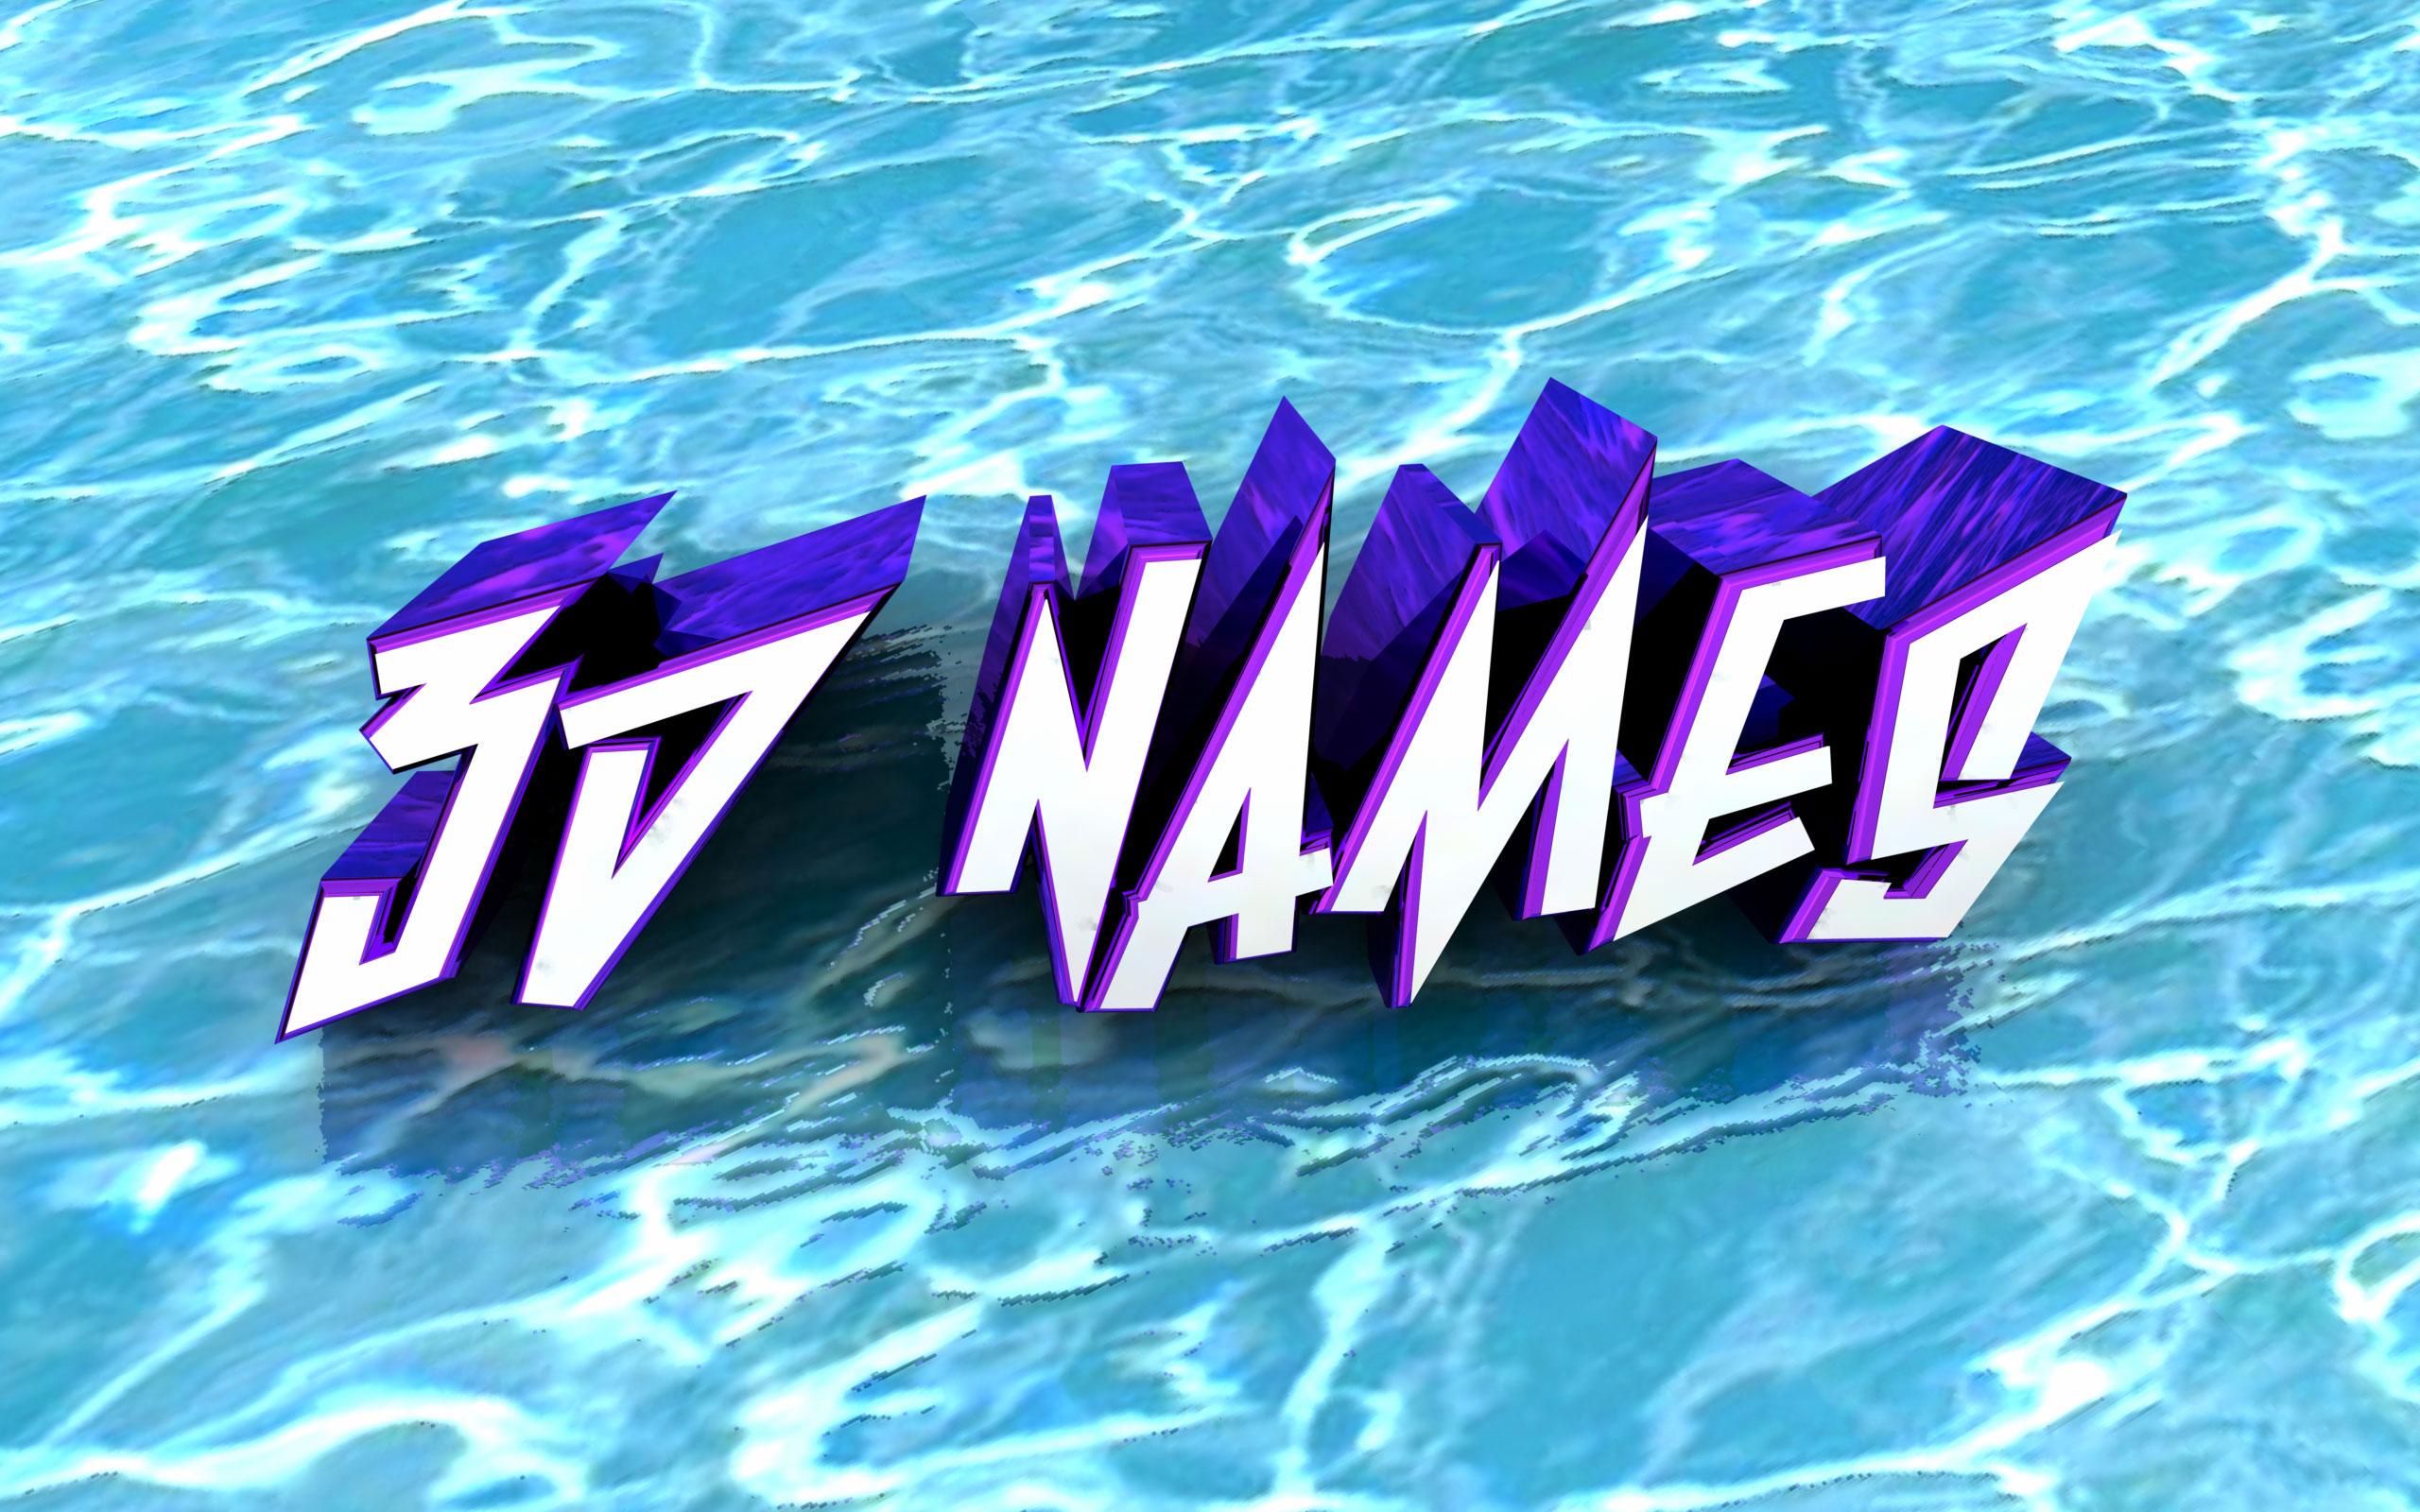 3d Name Wallpapers - WallpaperSafari